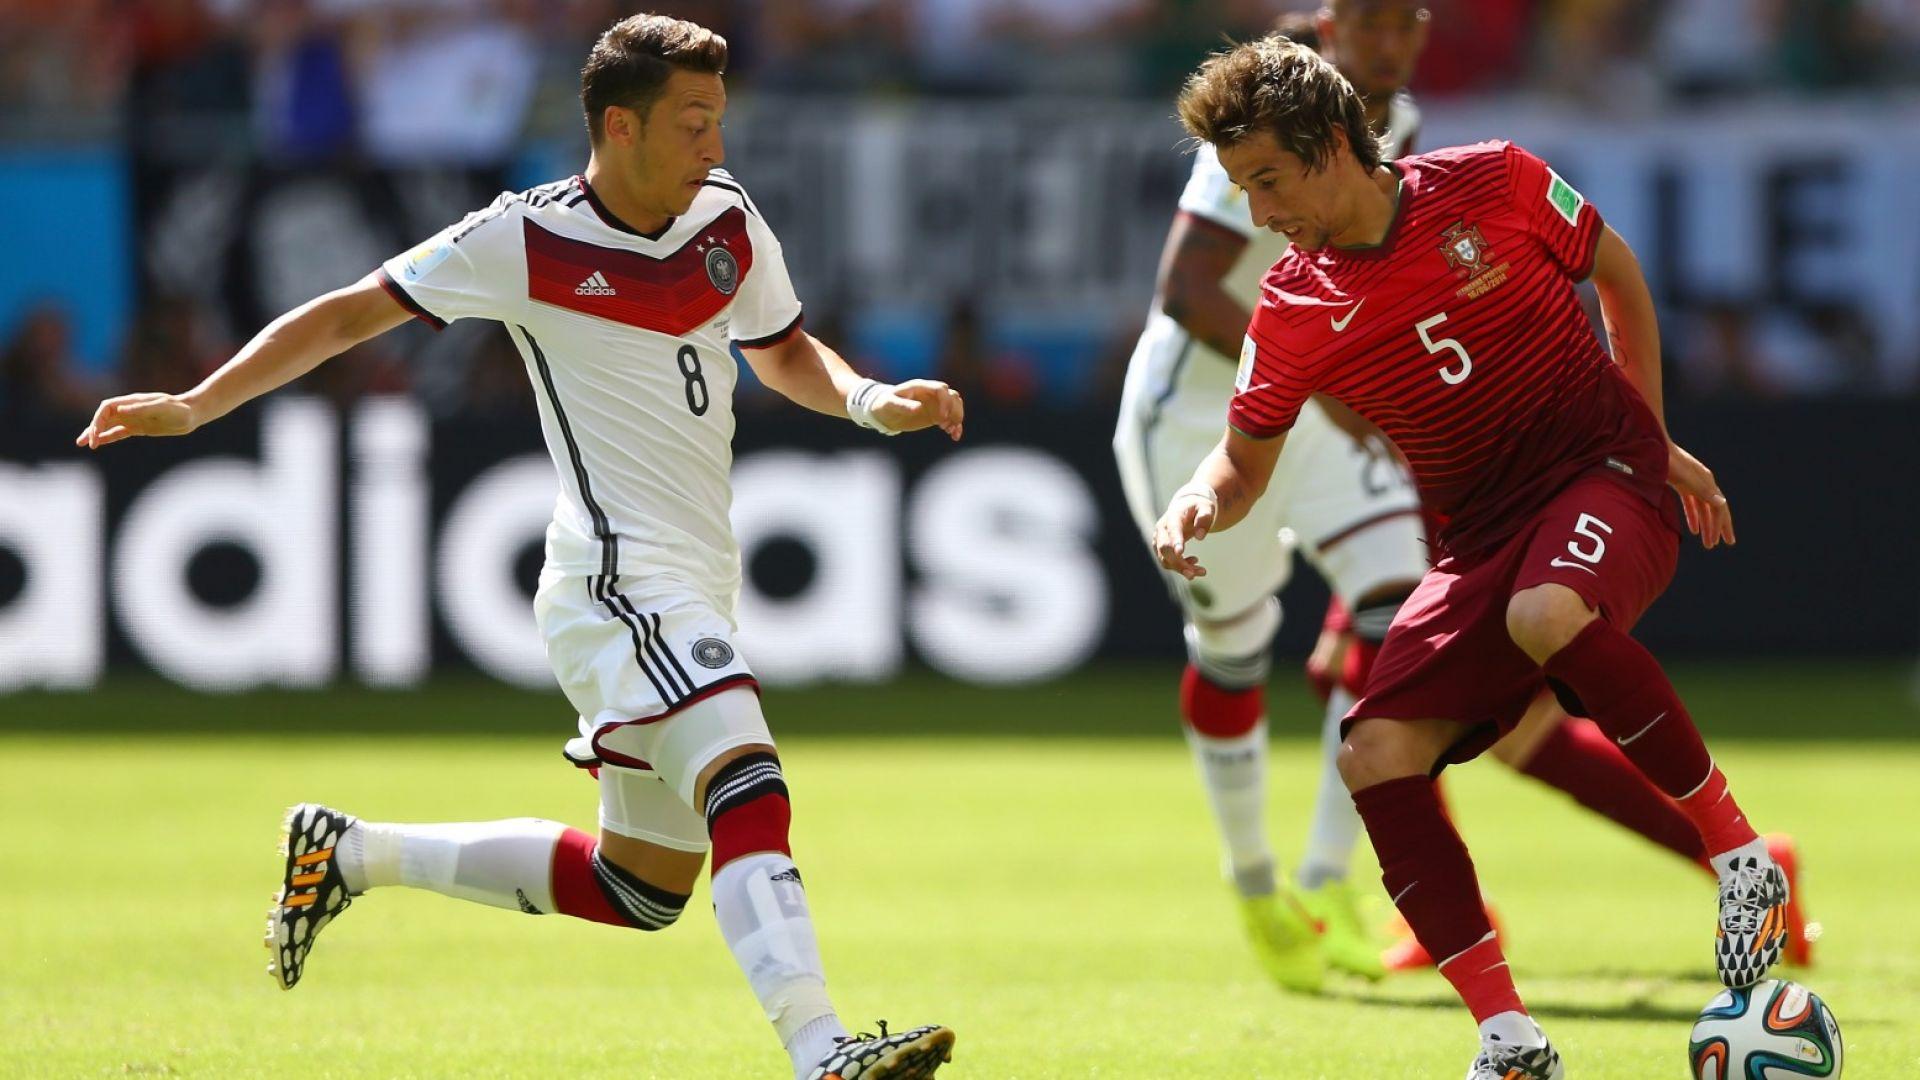 Португалец се отказа от Световното първенство